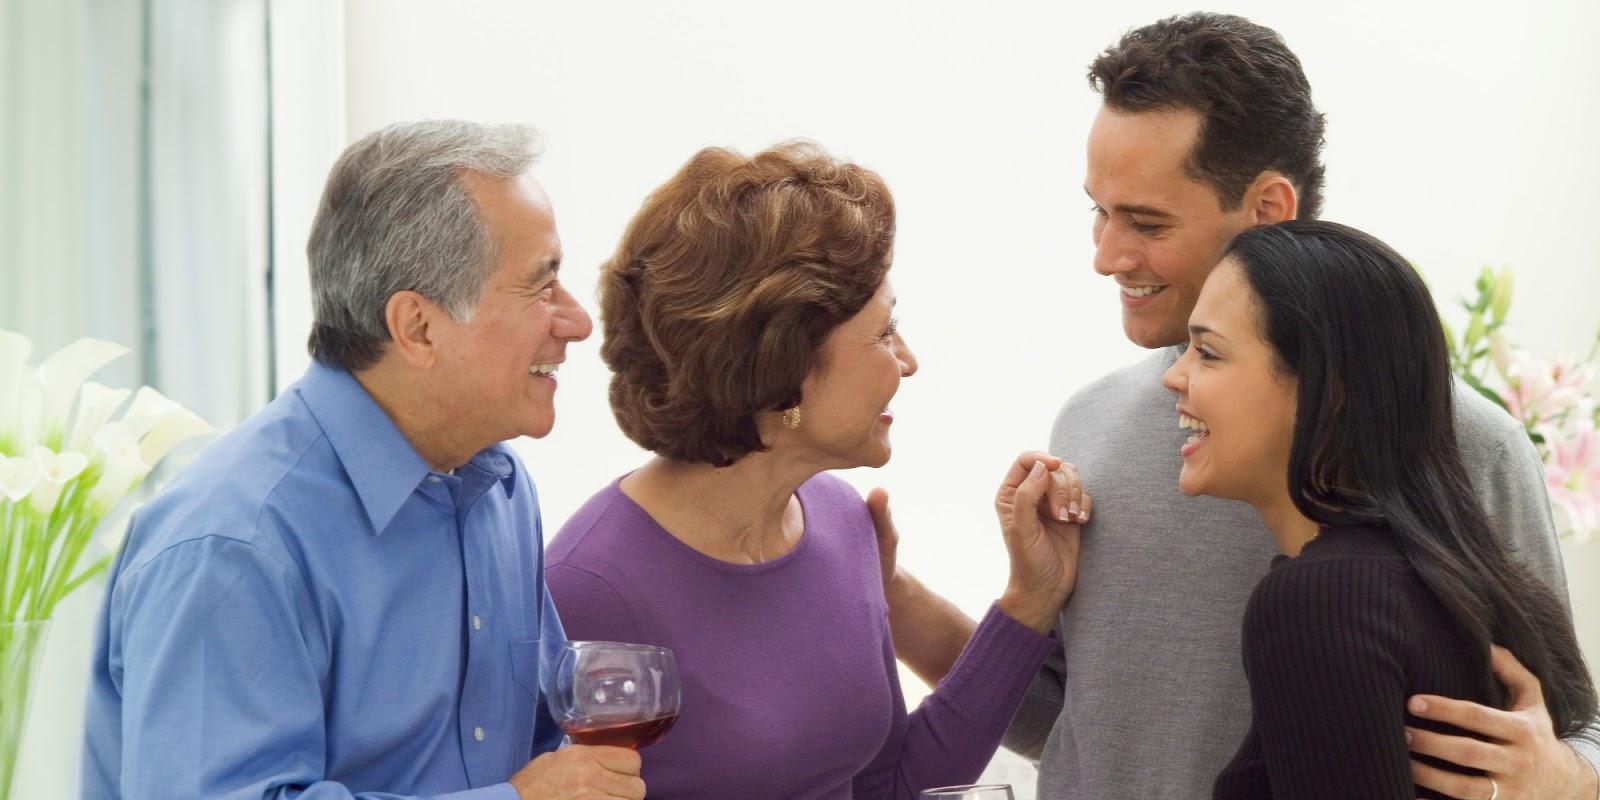 Если у вас серьезные отношения, рано или поздно придется познакомиться с родителями избранника